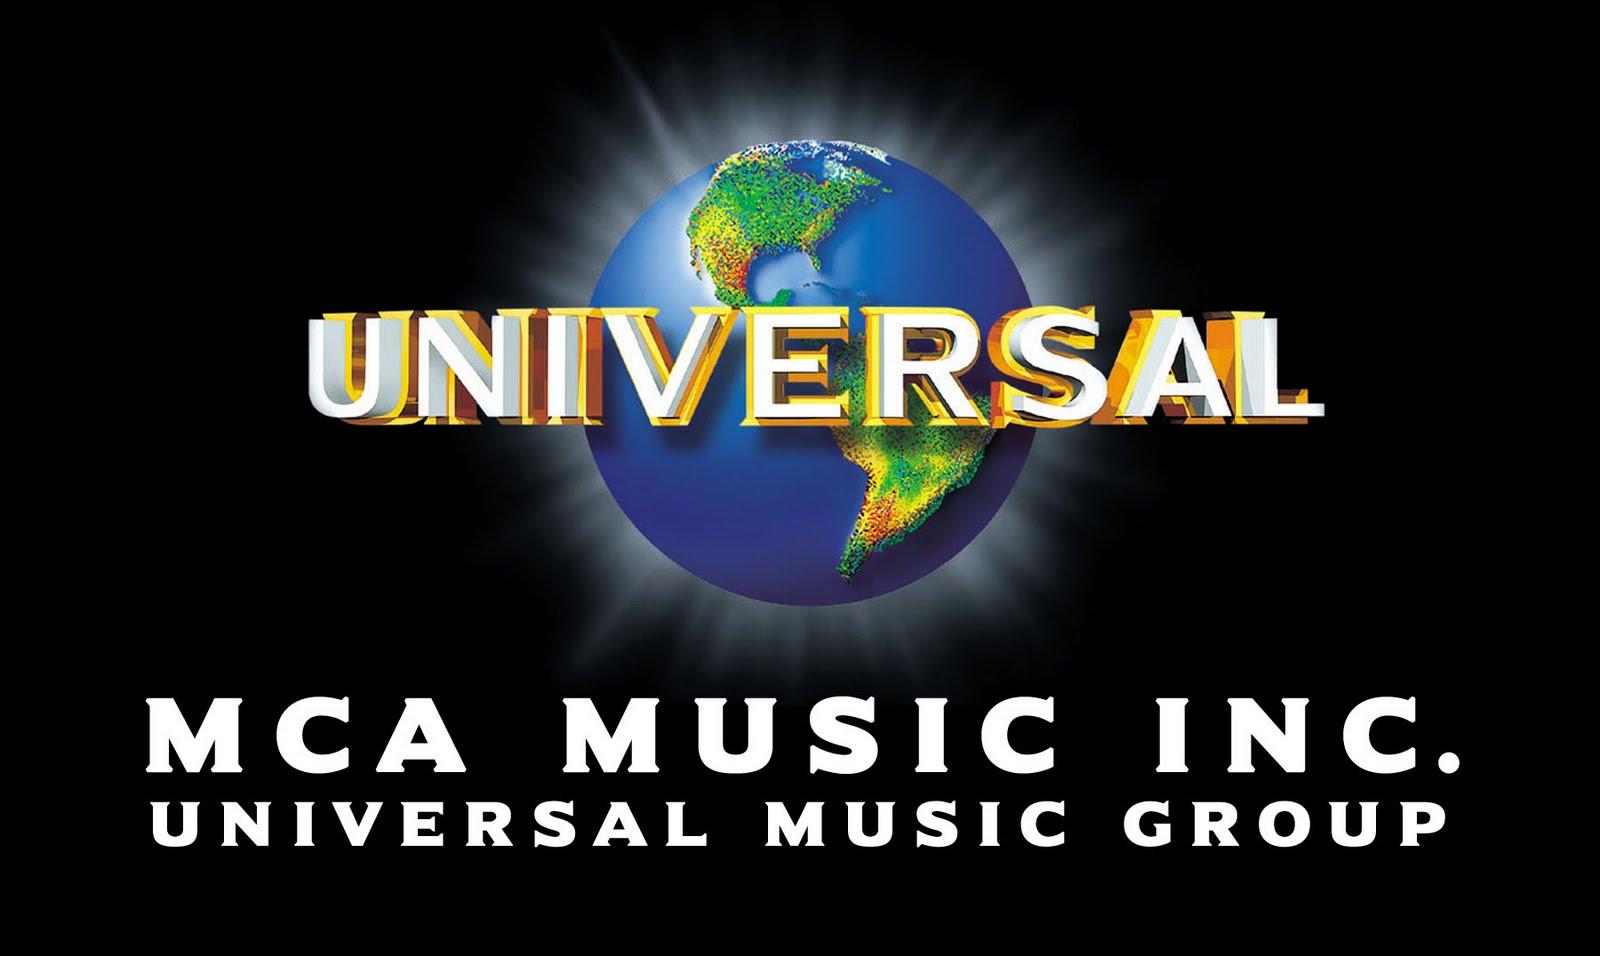 http://3.bp.blogspot.com/-l1kMNLcy-7k/TlJwFfXnsTI/AAAAAAAAA6Y/GOSkAHGx0Ok/s1600/mca+music+incblack.jpg